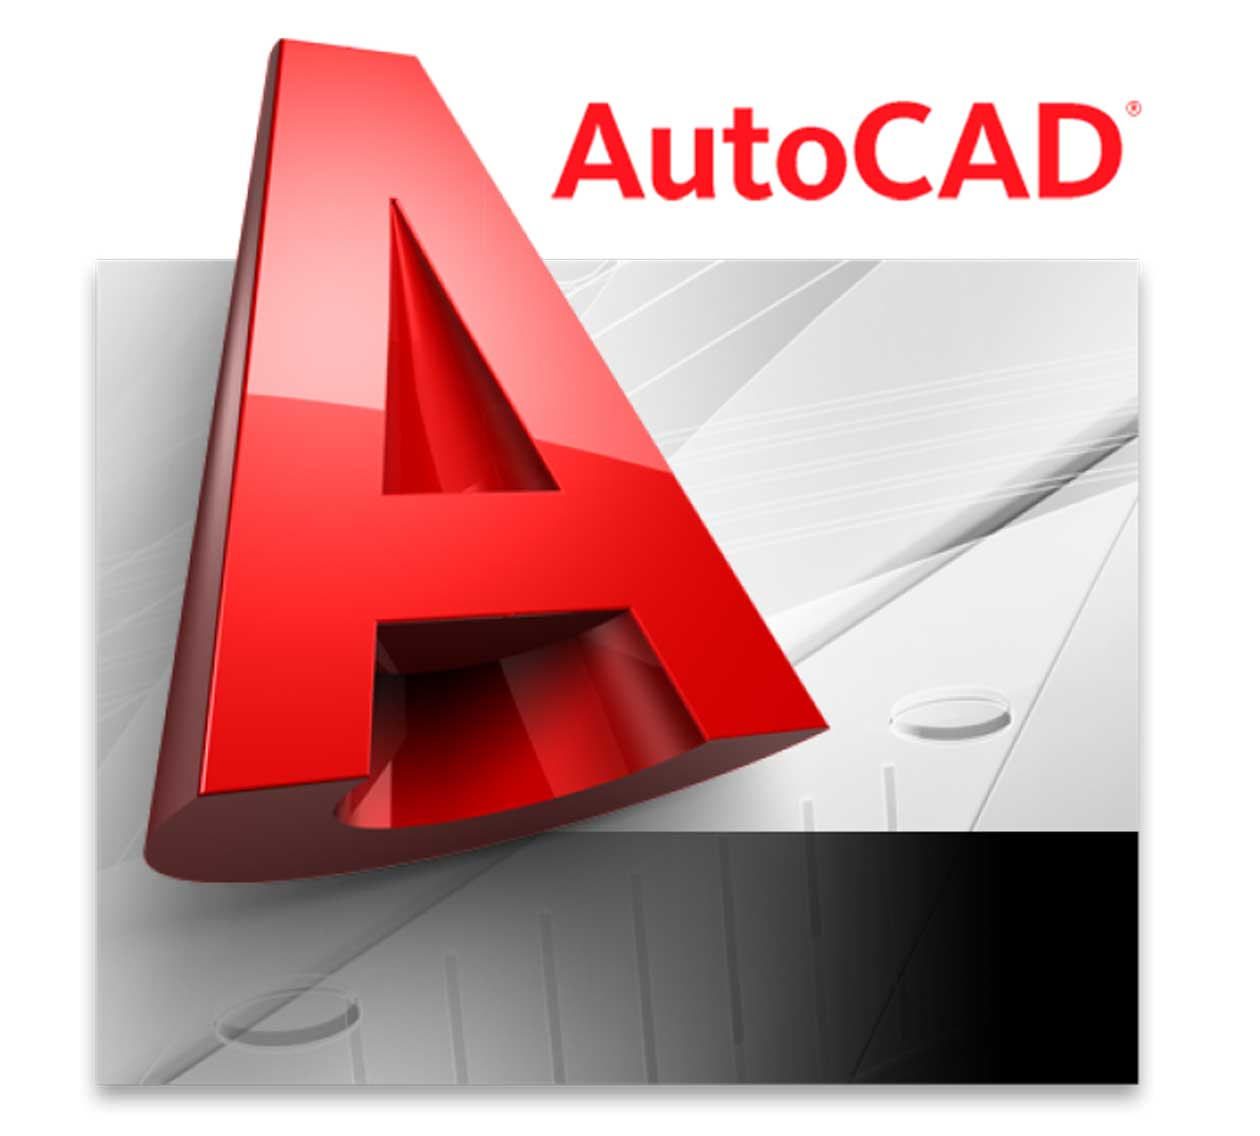 Mühendislerin Ortak Tasarım Dili u0027AUTOCADu0027 - Autocad PNG